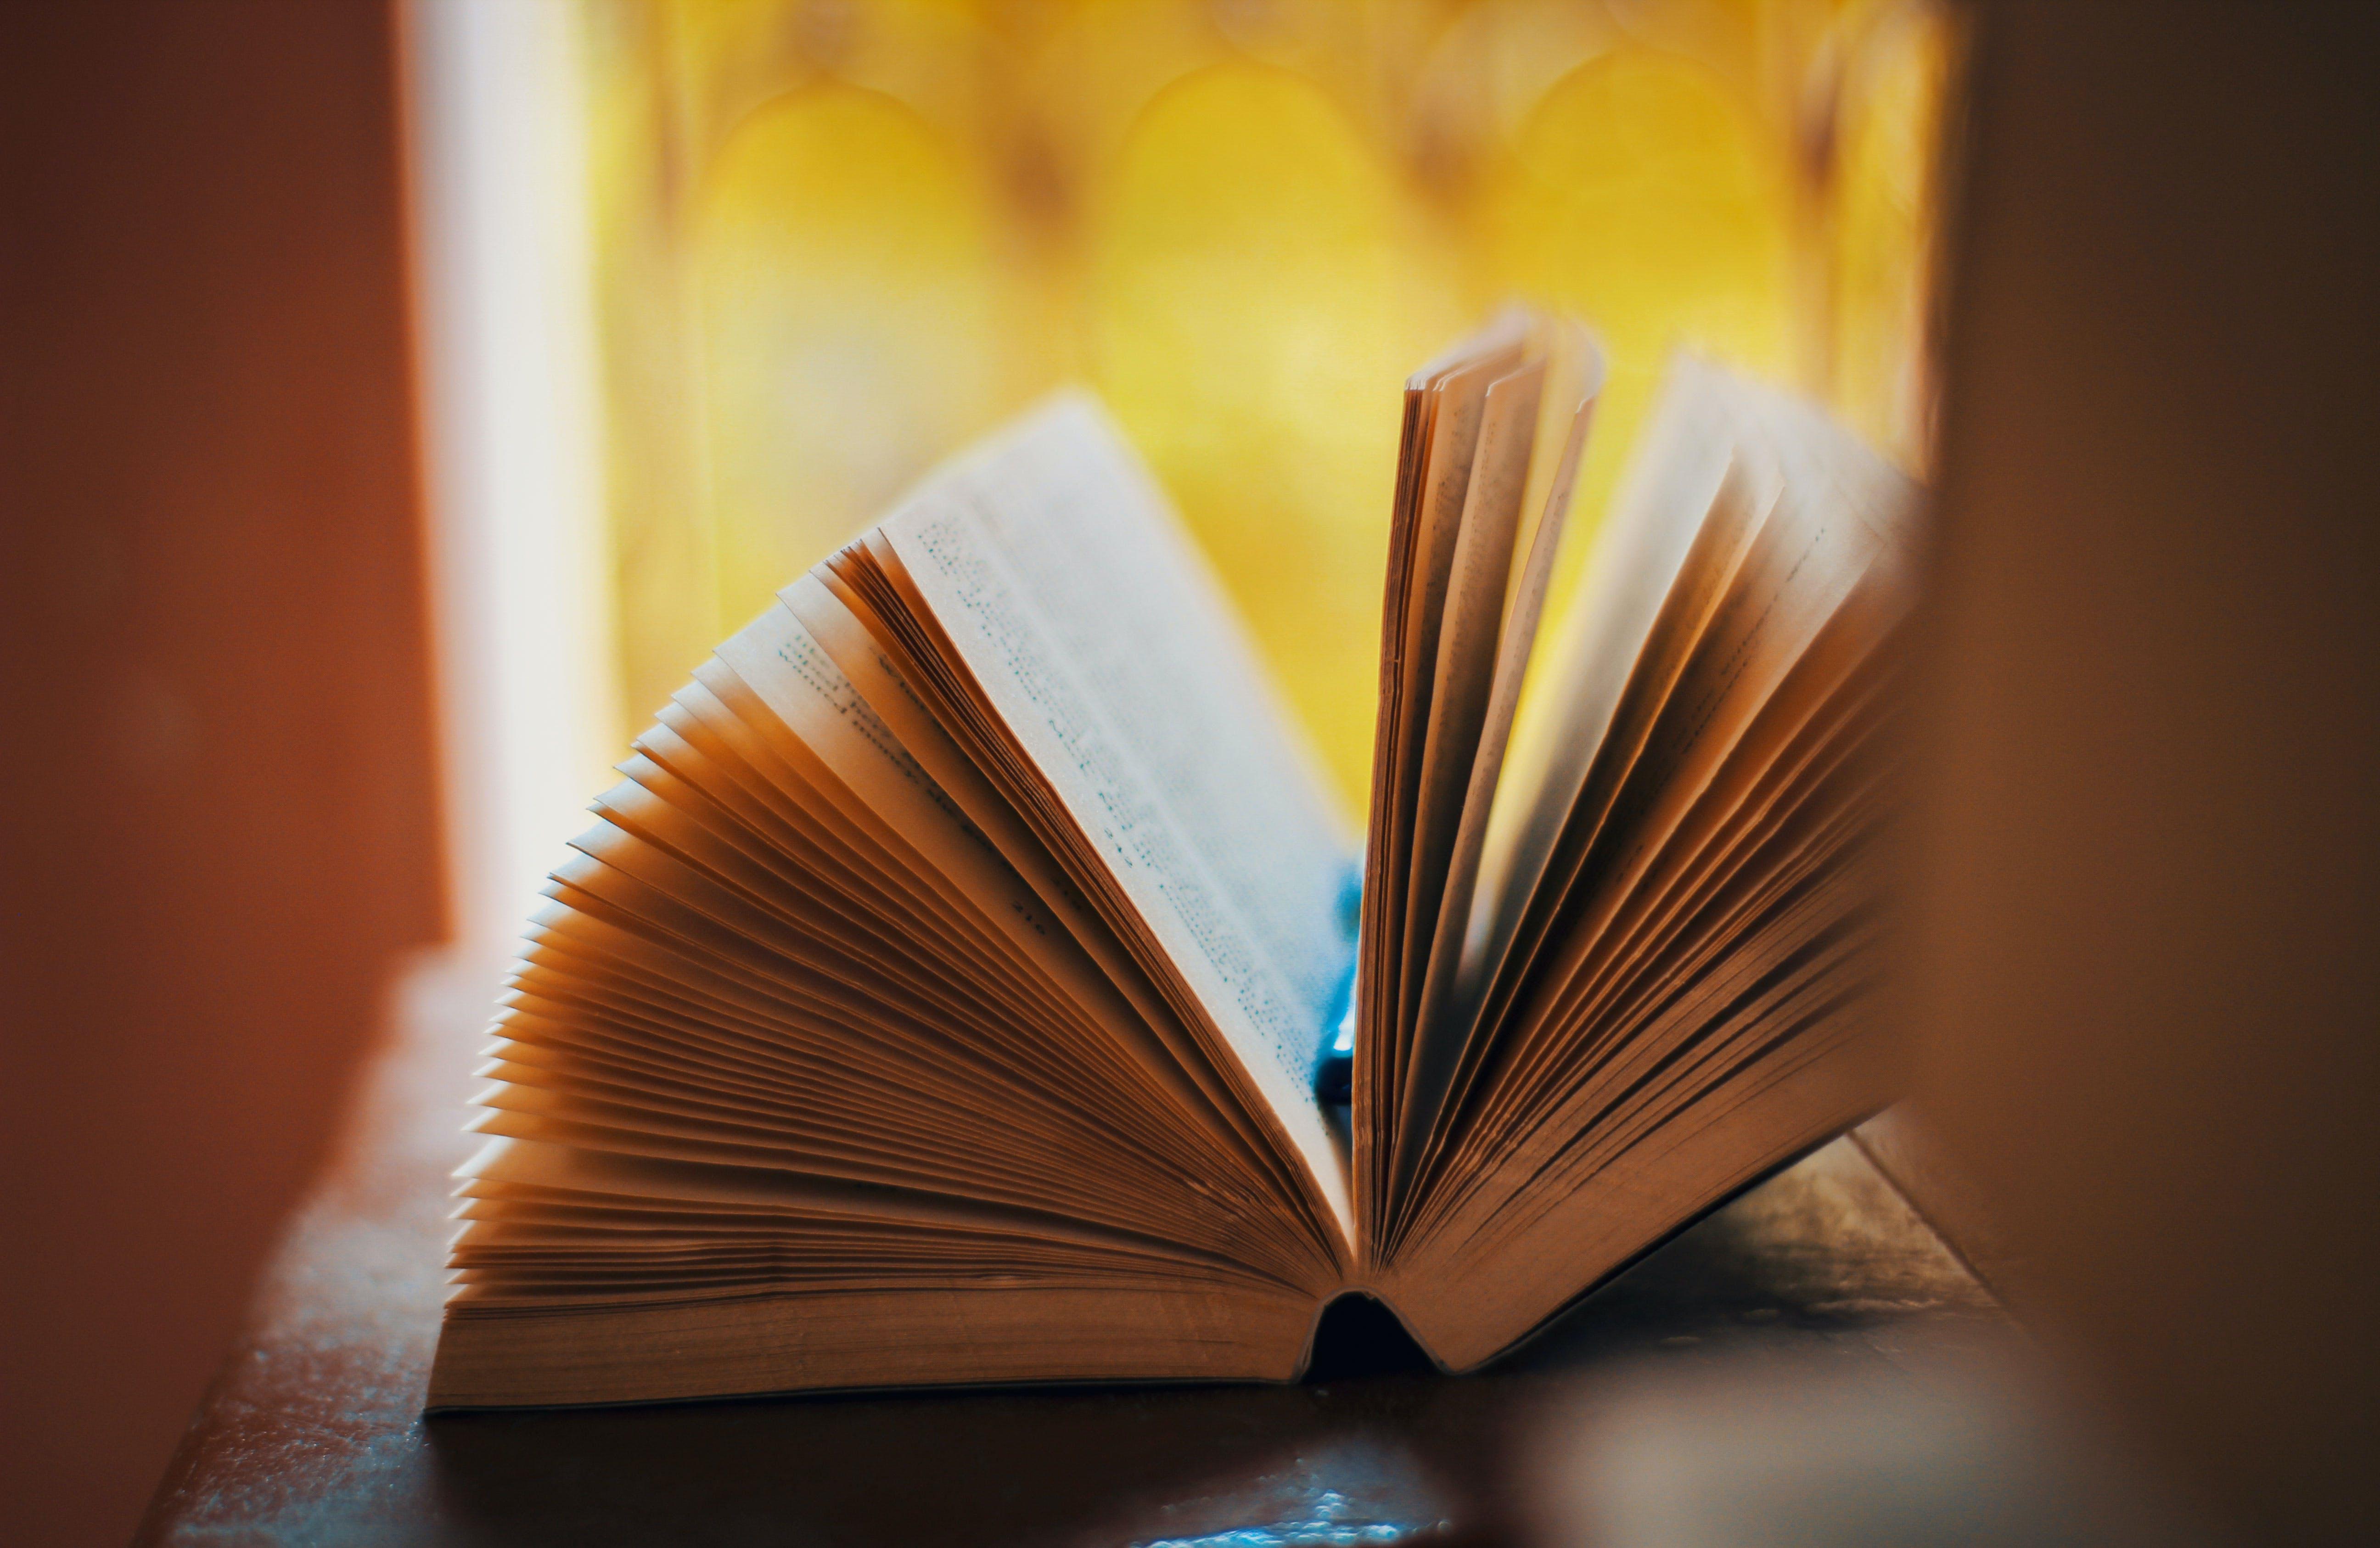 Gratis lagerfoto af bog, litteratur, sider, studere